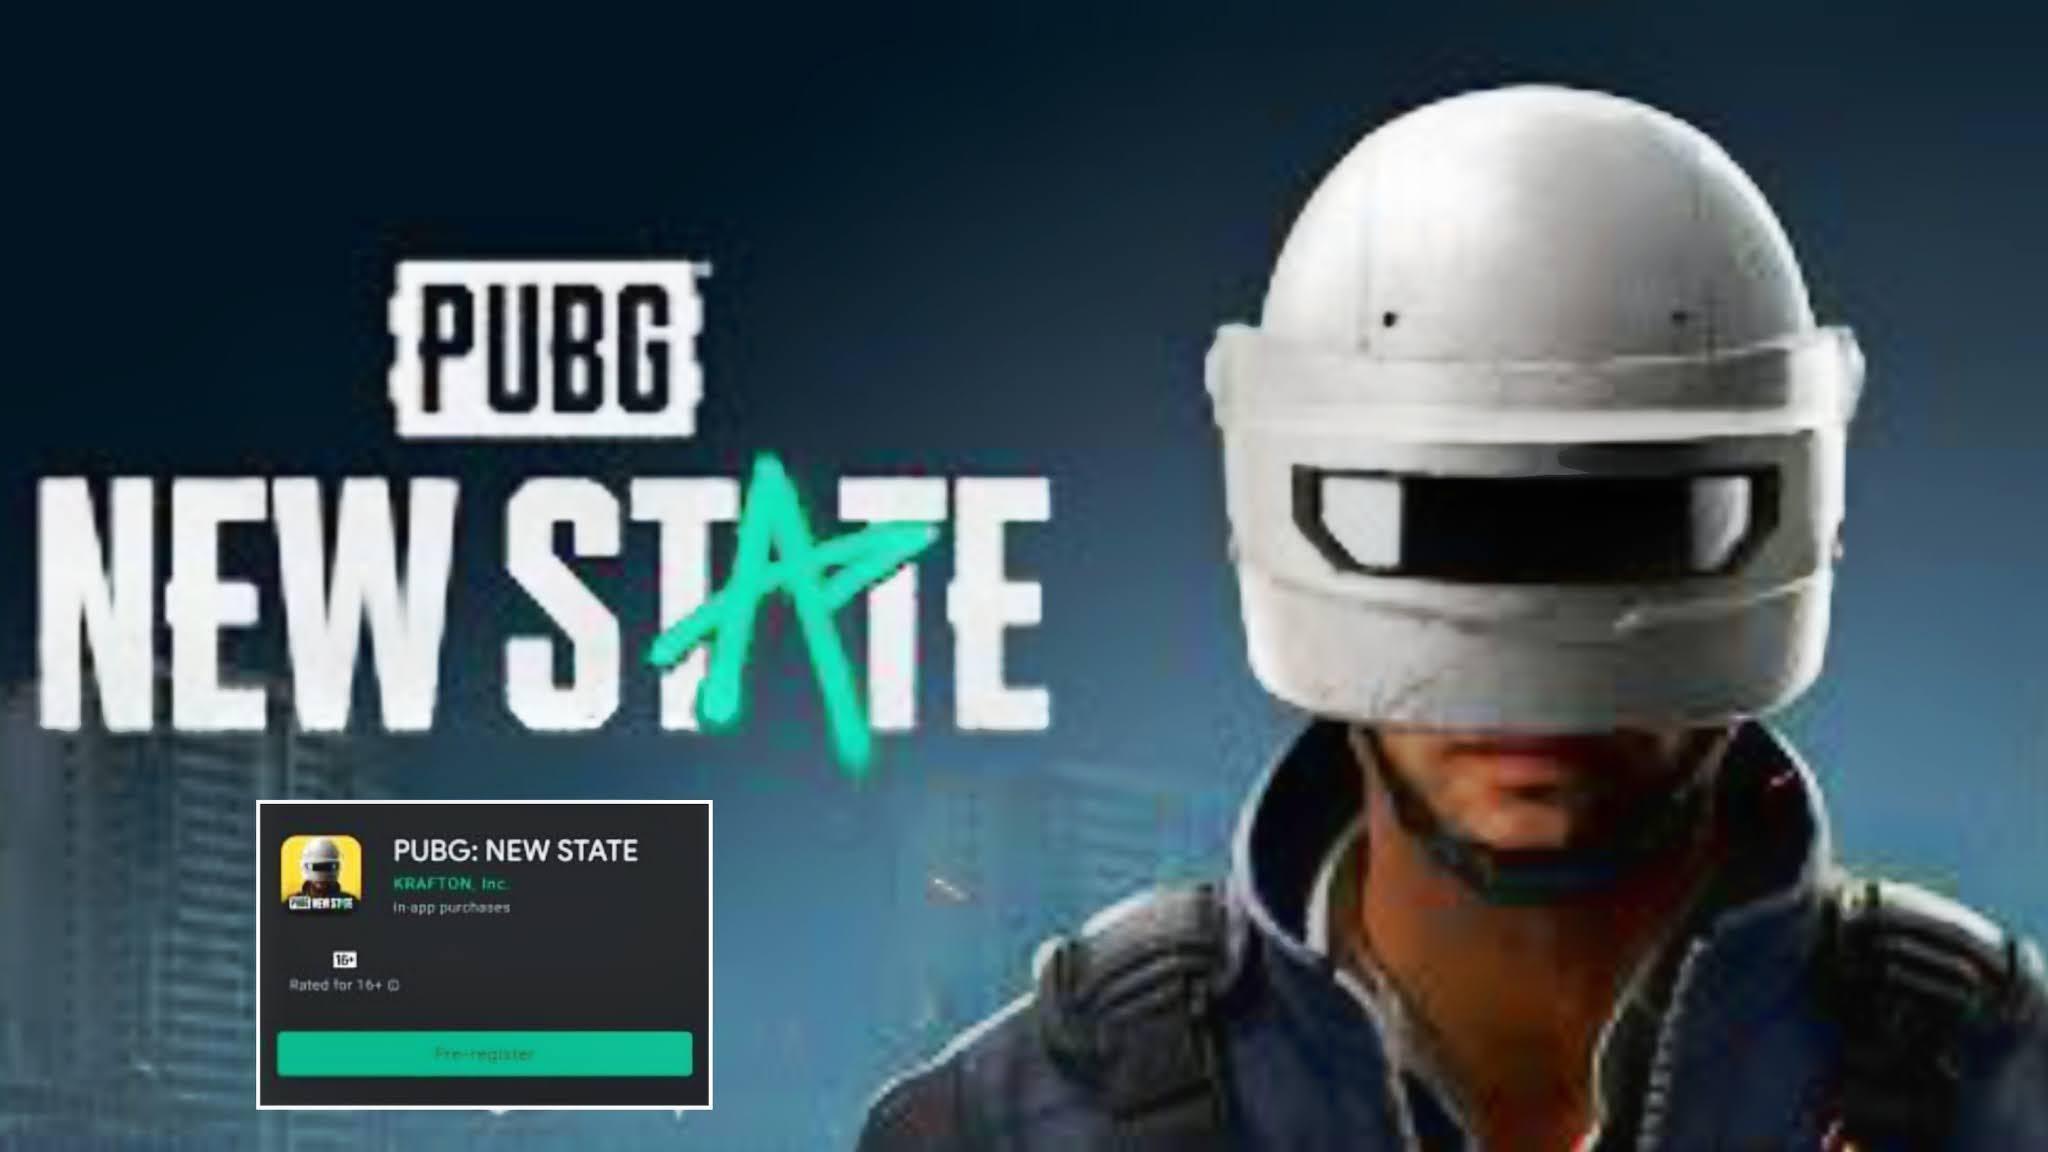 رسميا: PUBG: NEW STAT إصدار الجديد من لعبة بابجي موبايل